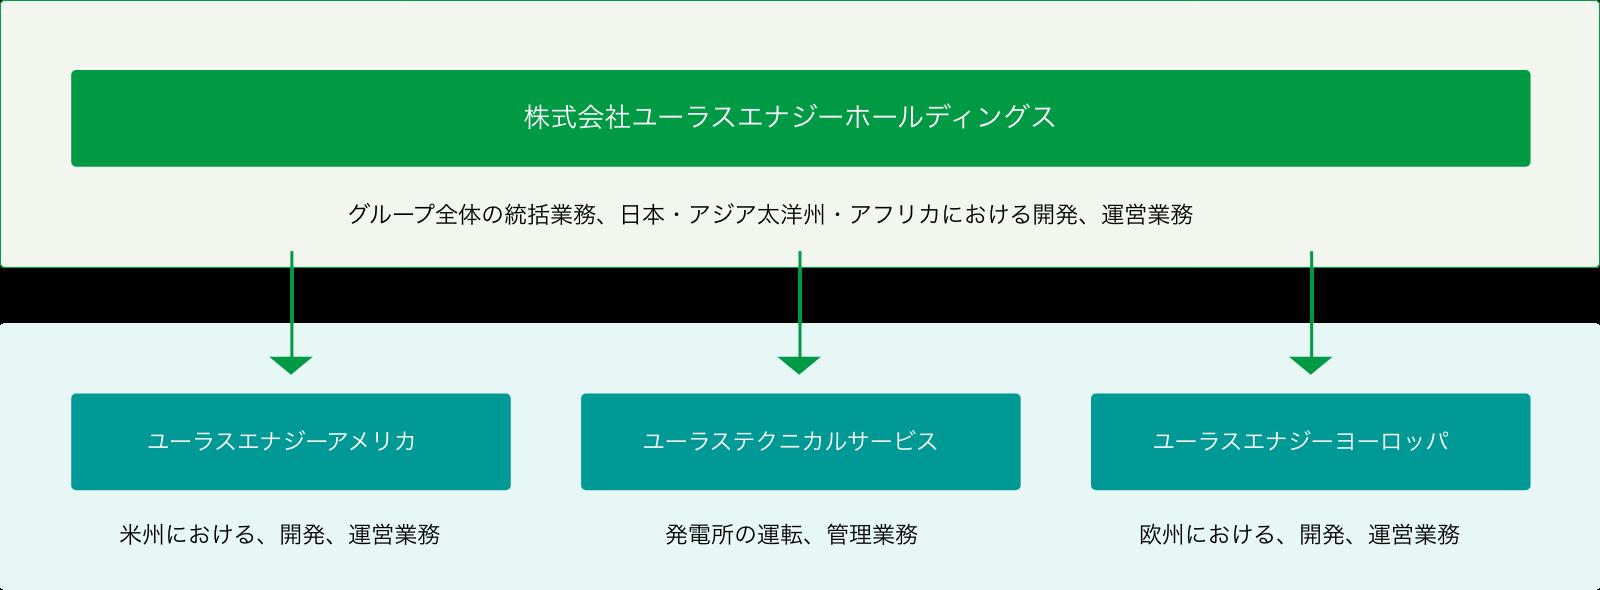 グループ体制図